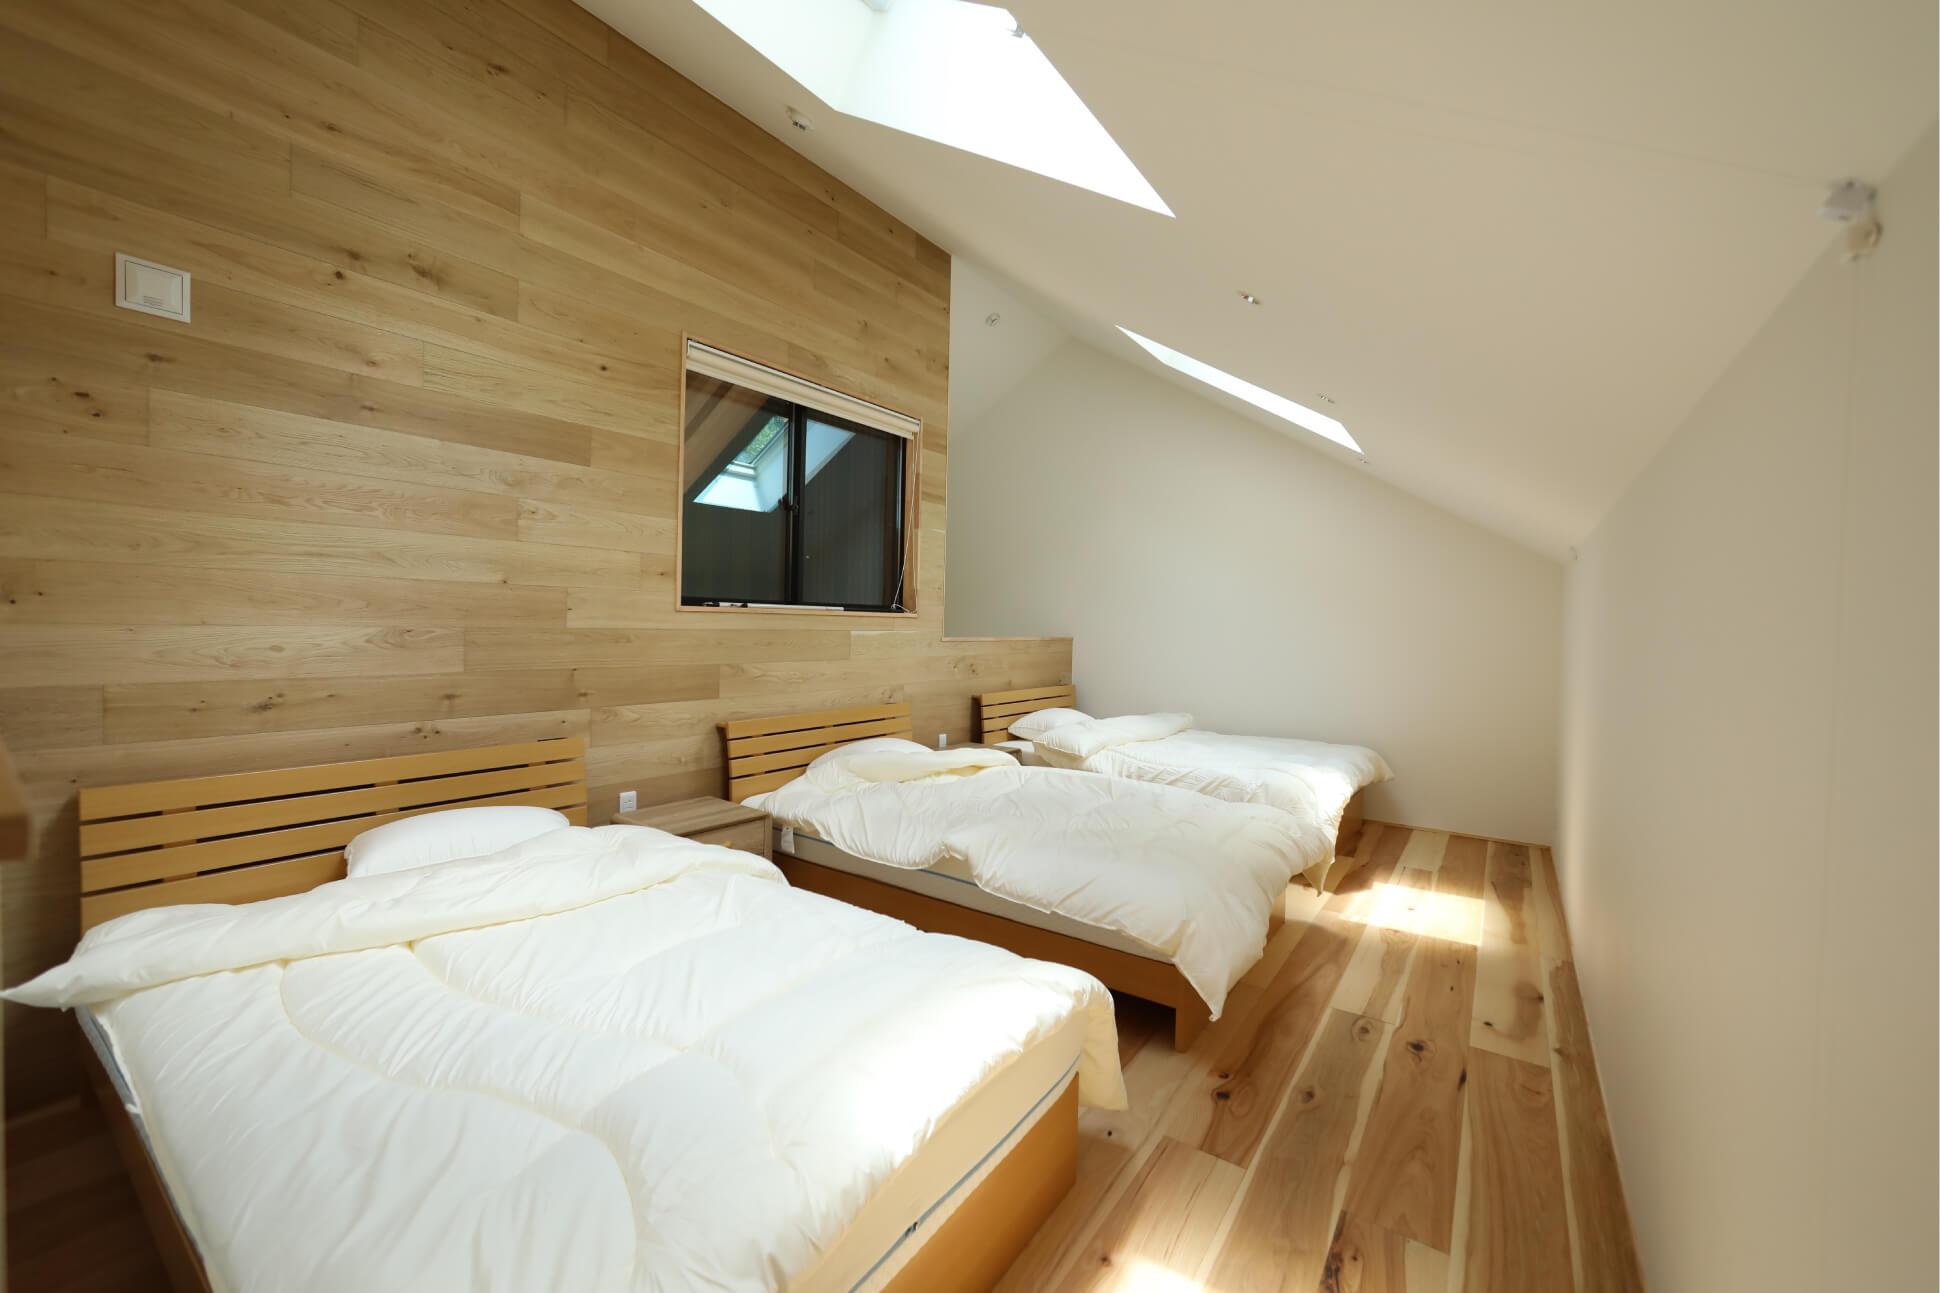 小屋裏のような寝室